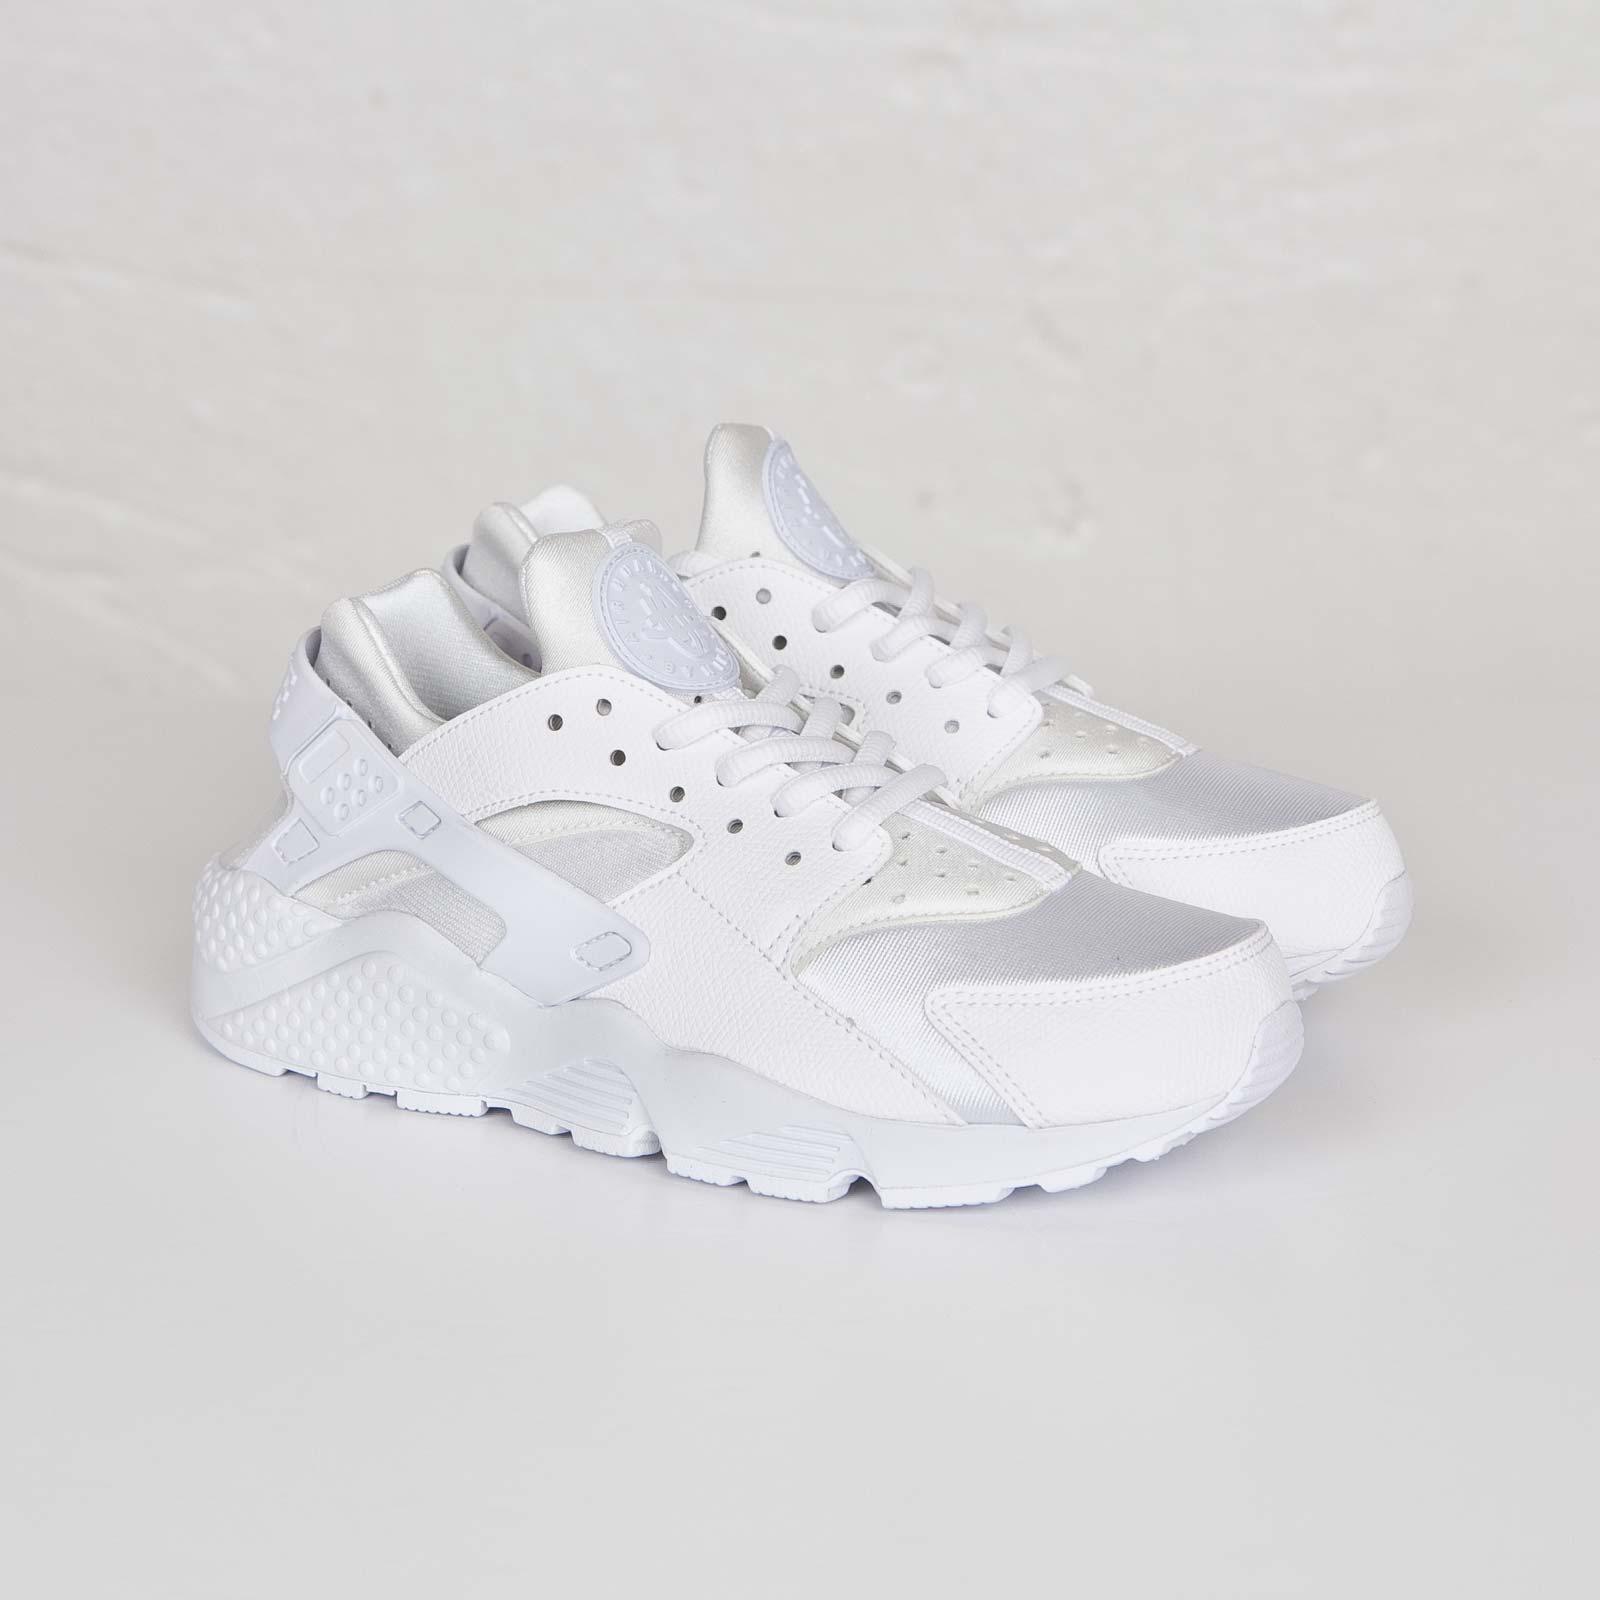 finest selection 2dc4b 3468c Nike Wmns Air Huarache Run